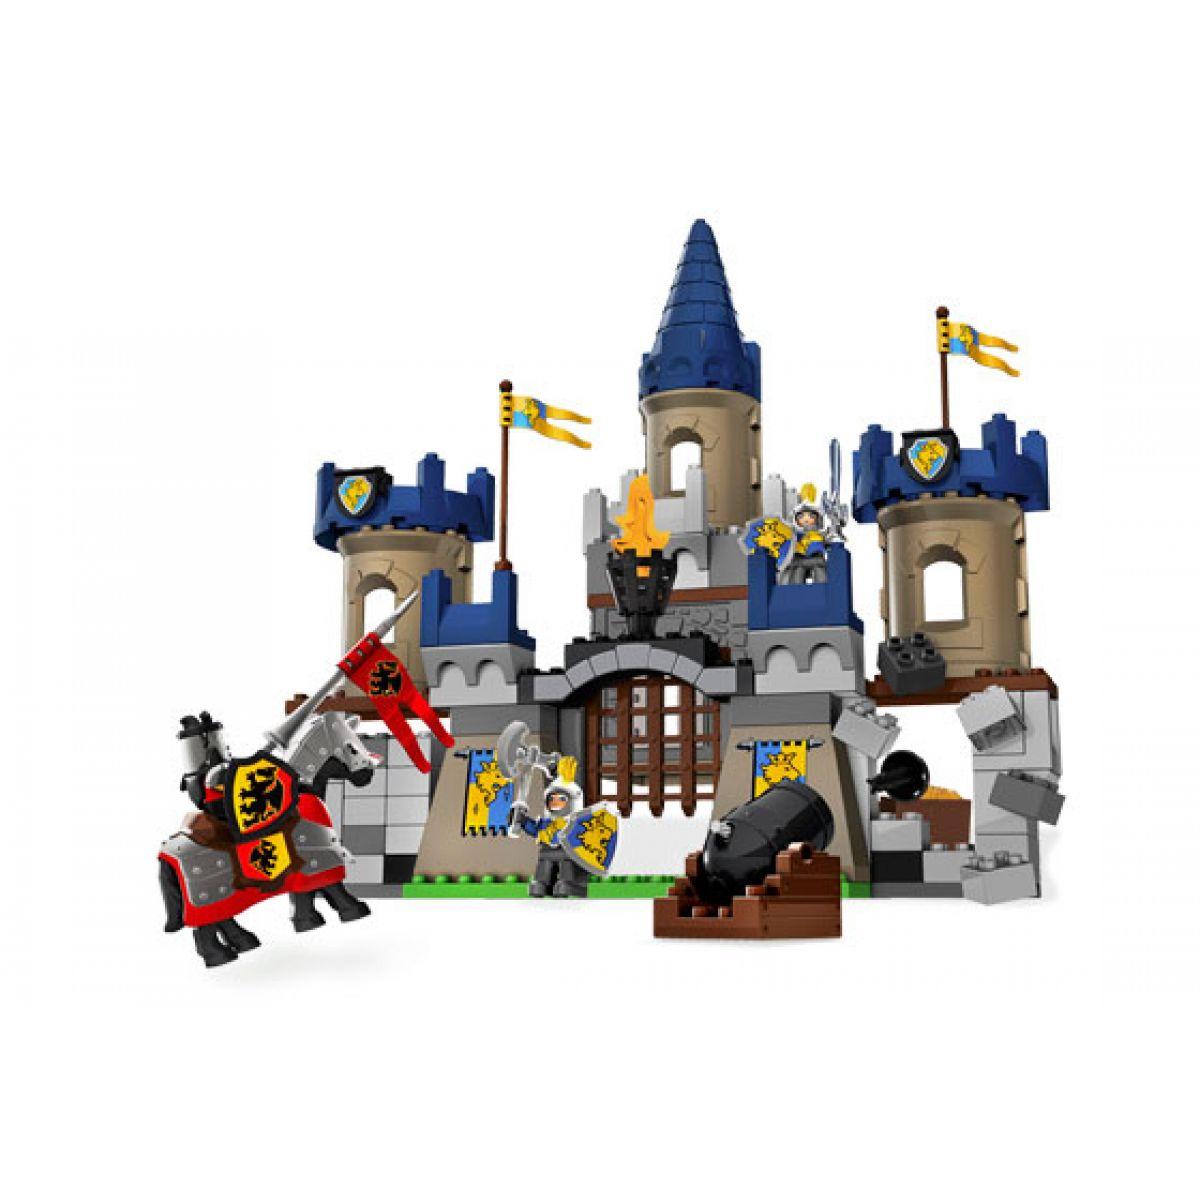 LEGO DUPLO Hrady - HRAD